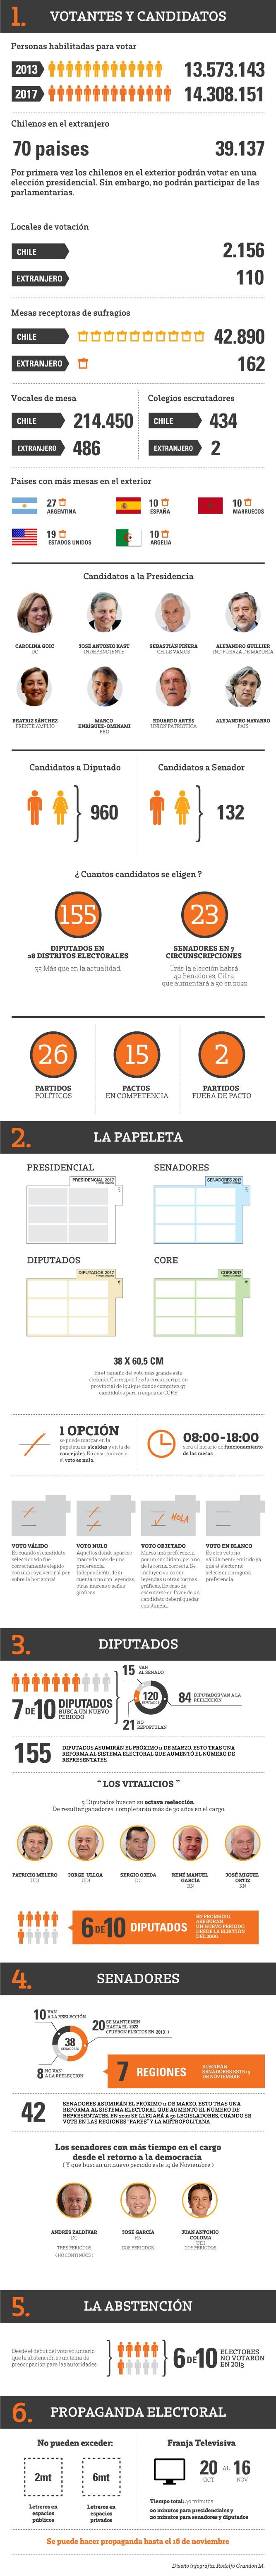 Elecciones presidenciales: revisa infografía con cifras clave